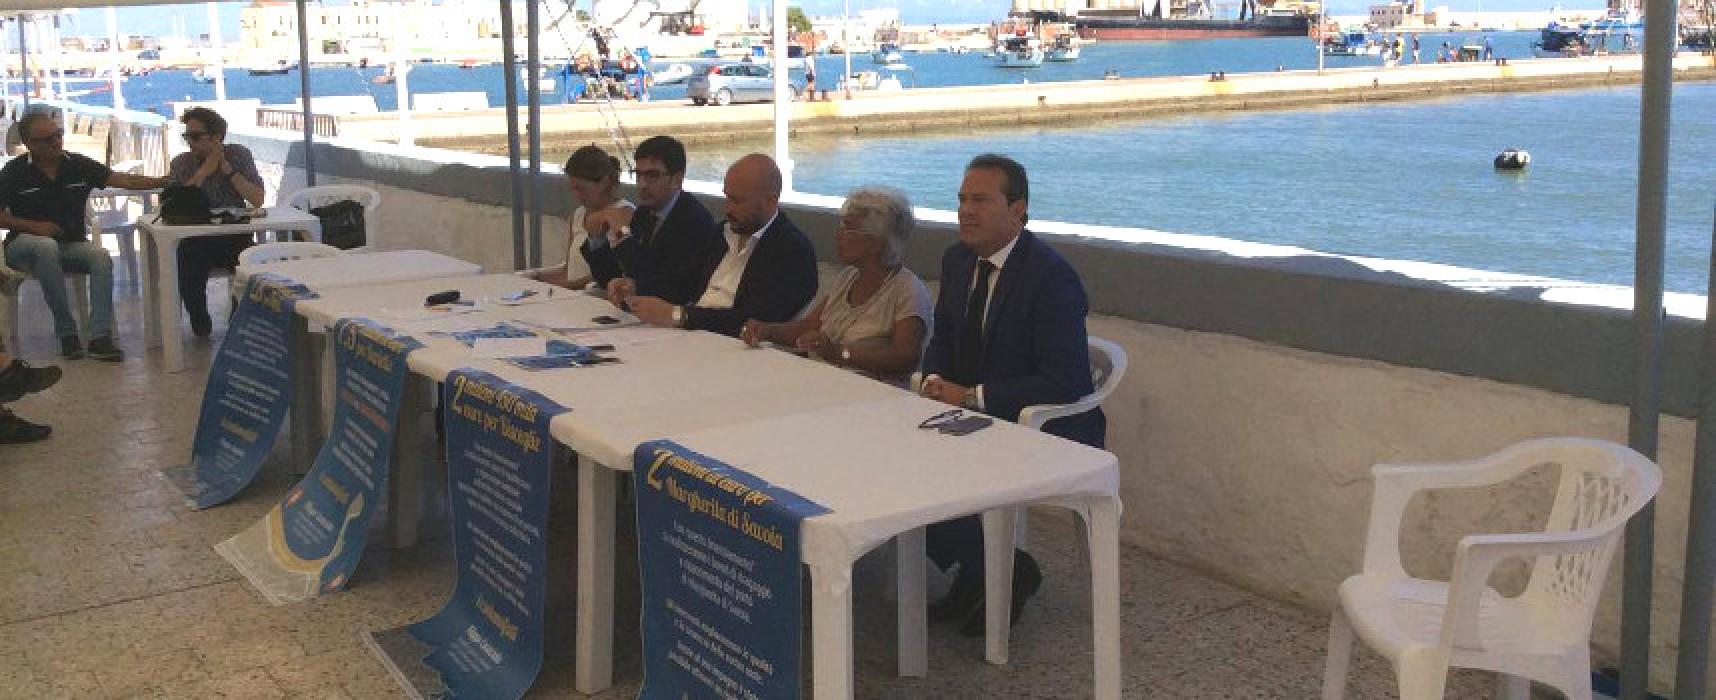 """Piano coste, Spina: """"Finanziamento di 2.5 milioni per ripascimento ciottoli e sviluppo litorale"""""""